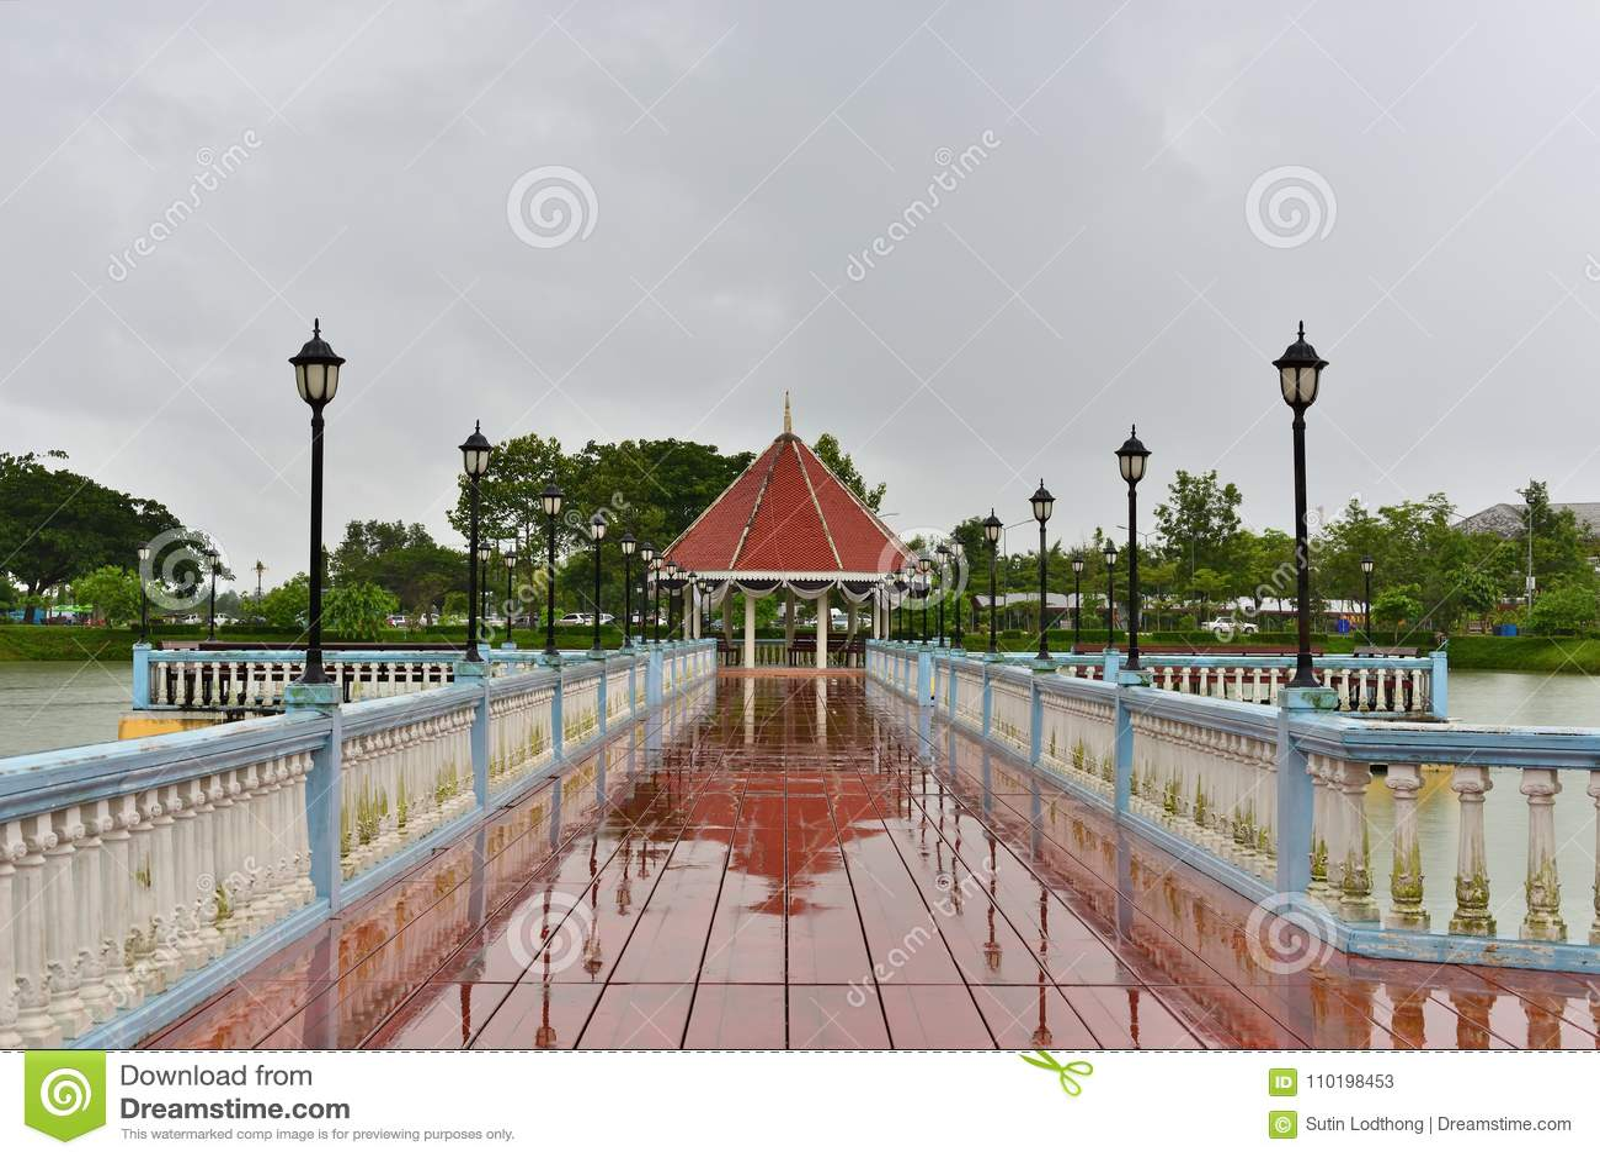 Le pavillon est au milieu de la piscine